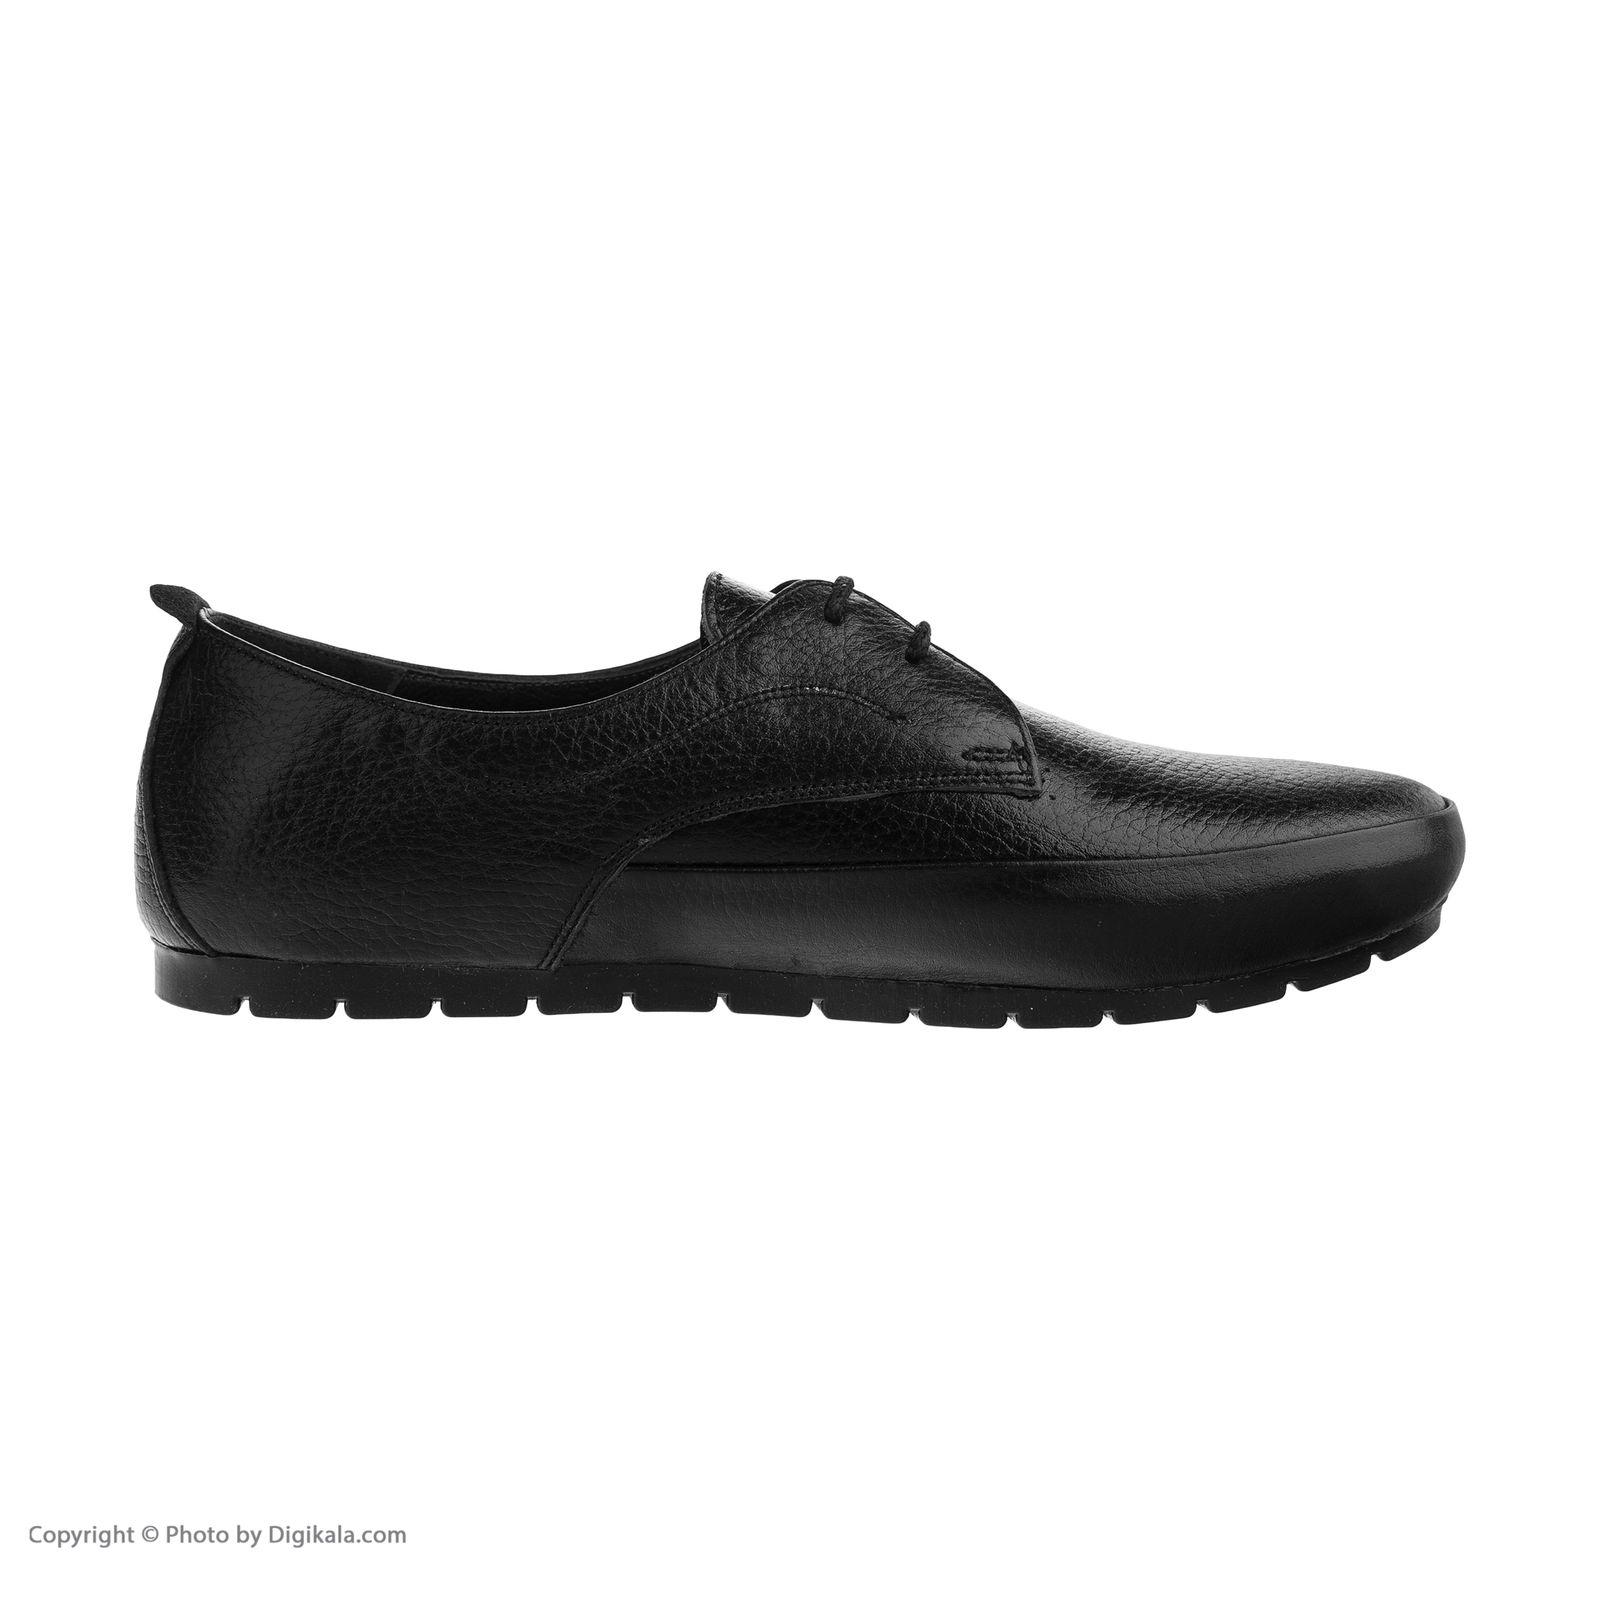 کفش روزمره زنانه شیفر مدل 5313b500101 main 1 3